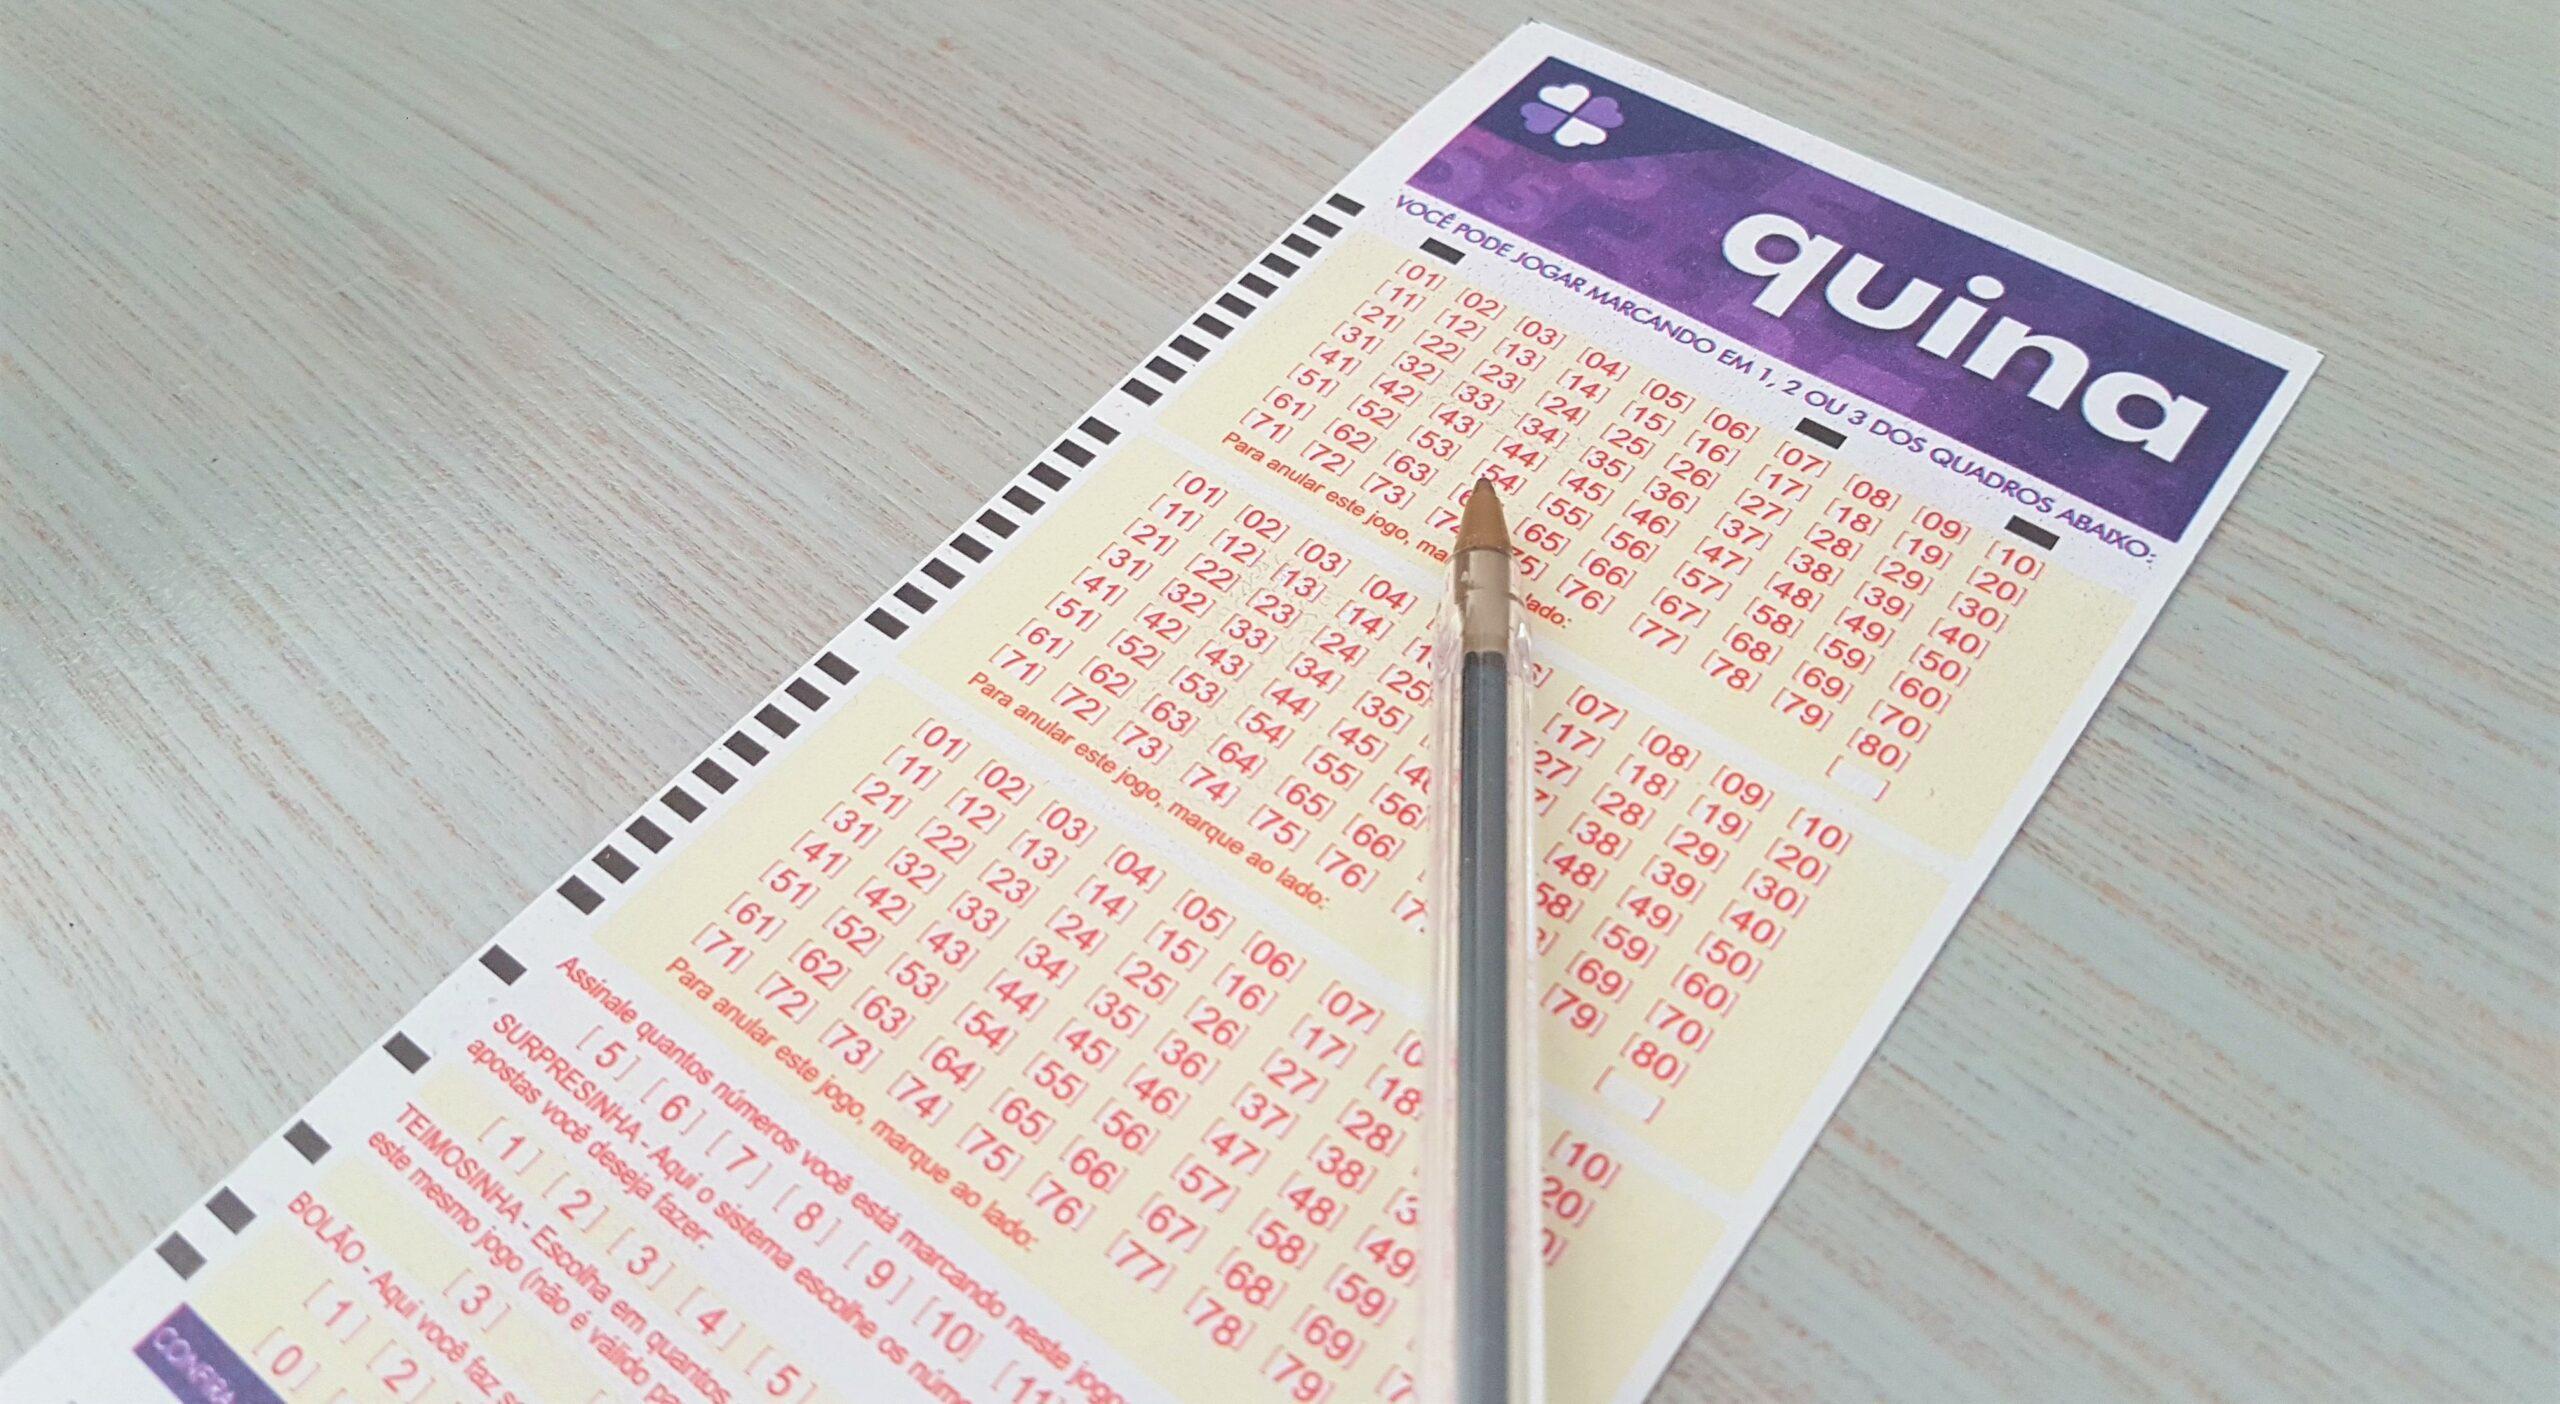 resultado da quina 5474 - a imagem mostra um voltante da quina em branco e uma caneta